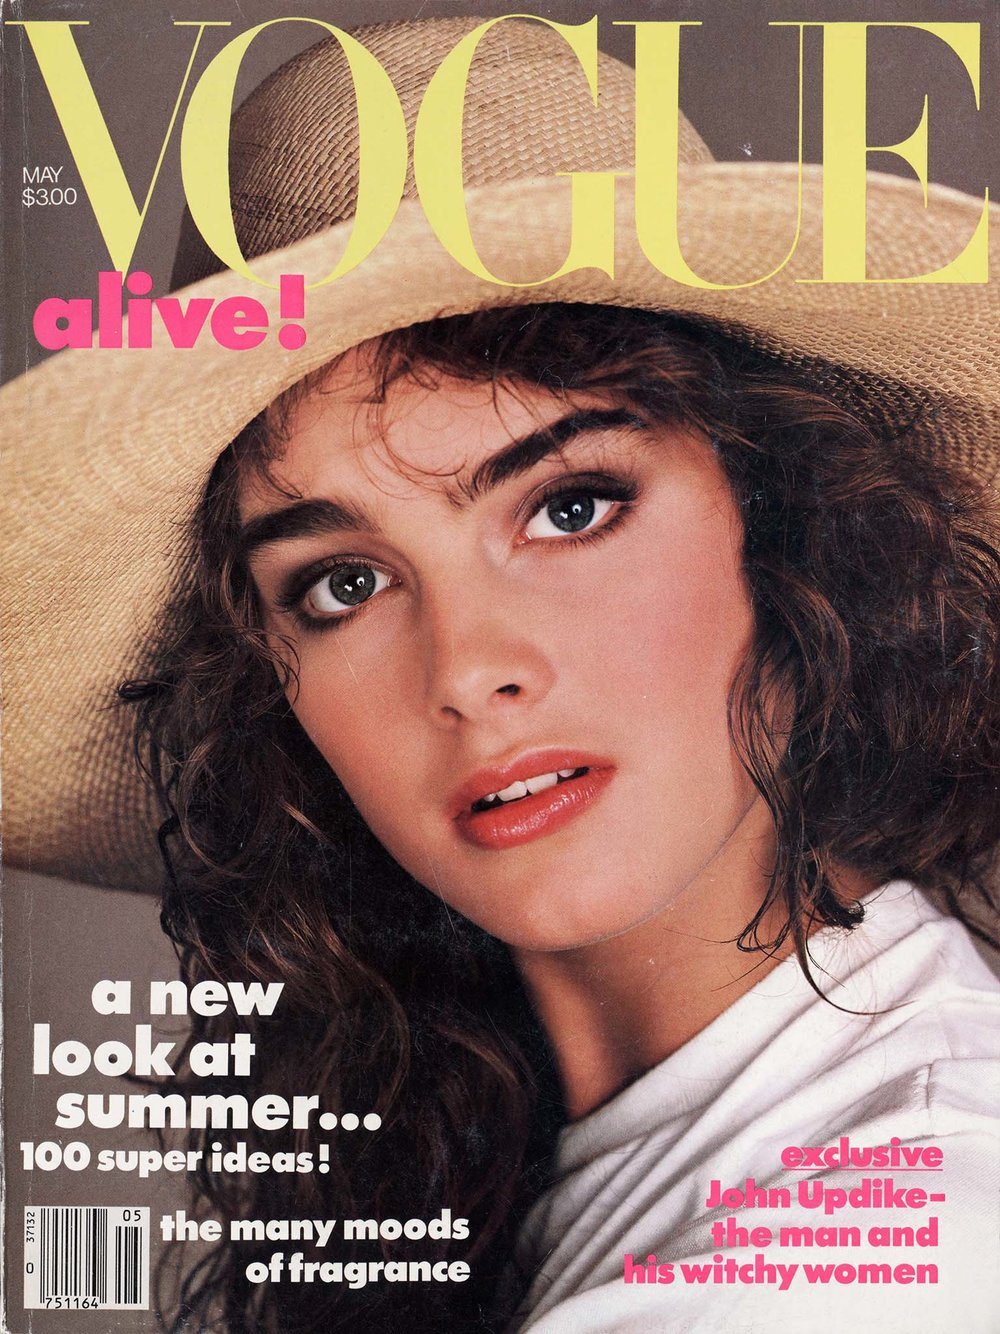 Vogue,May 1984